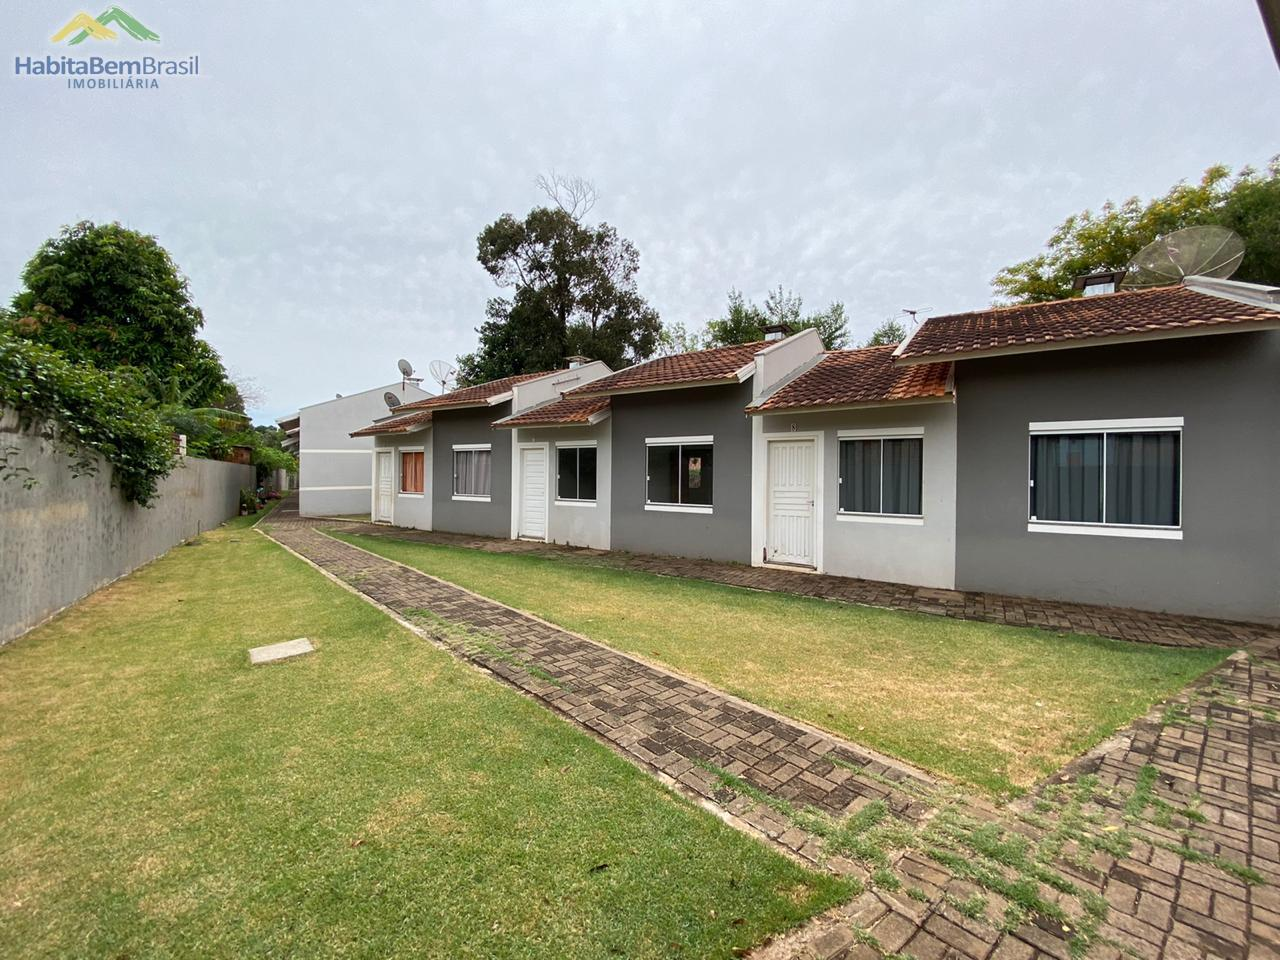 Casa com 2 dormitórios à venda, VILA PIONEIRO, TOLEDO - PR